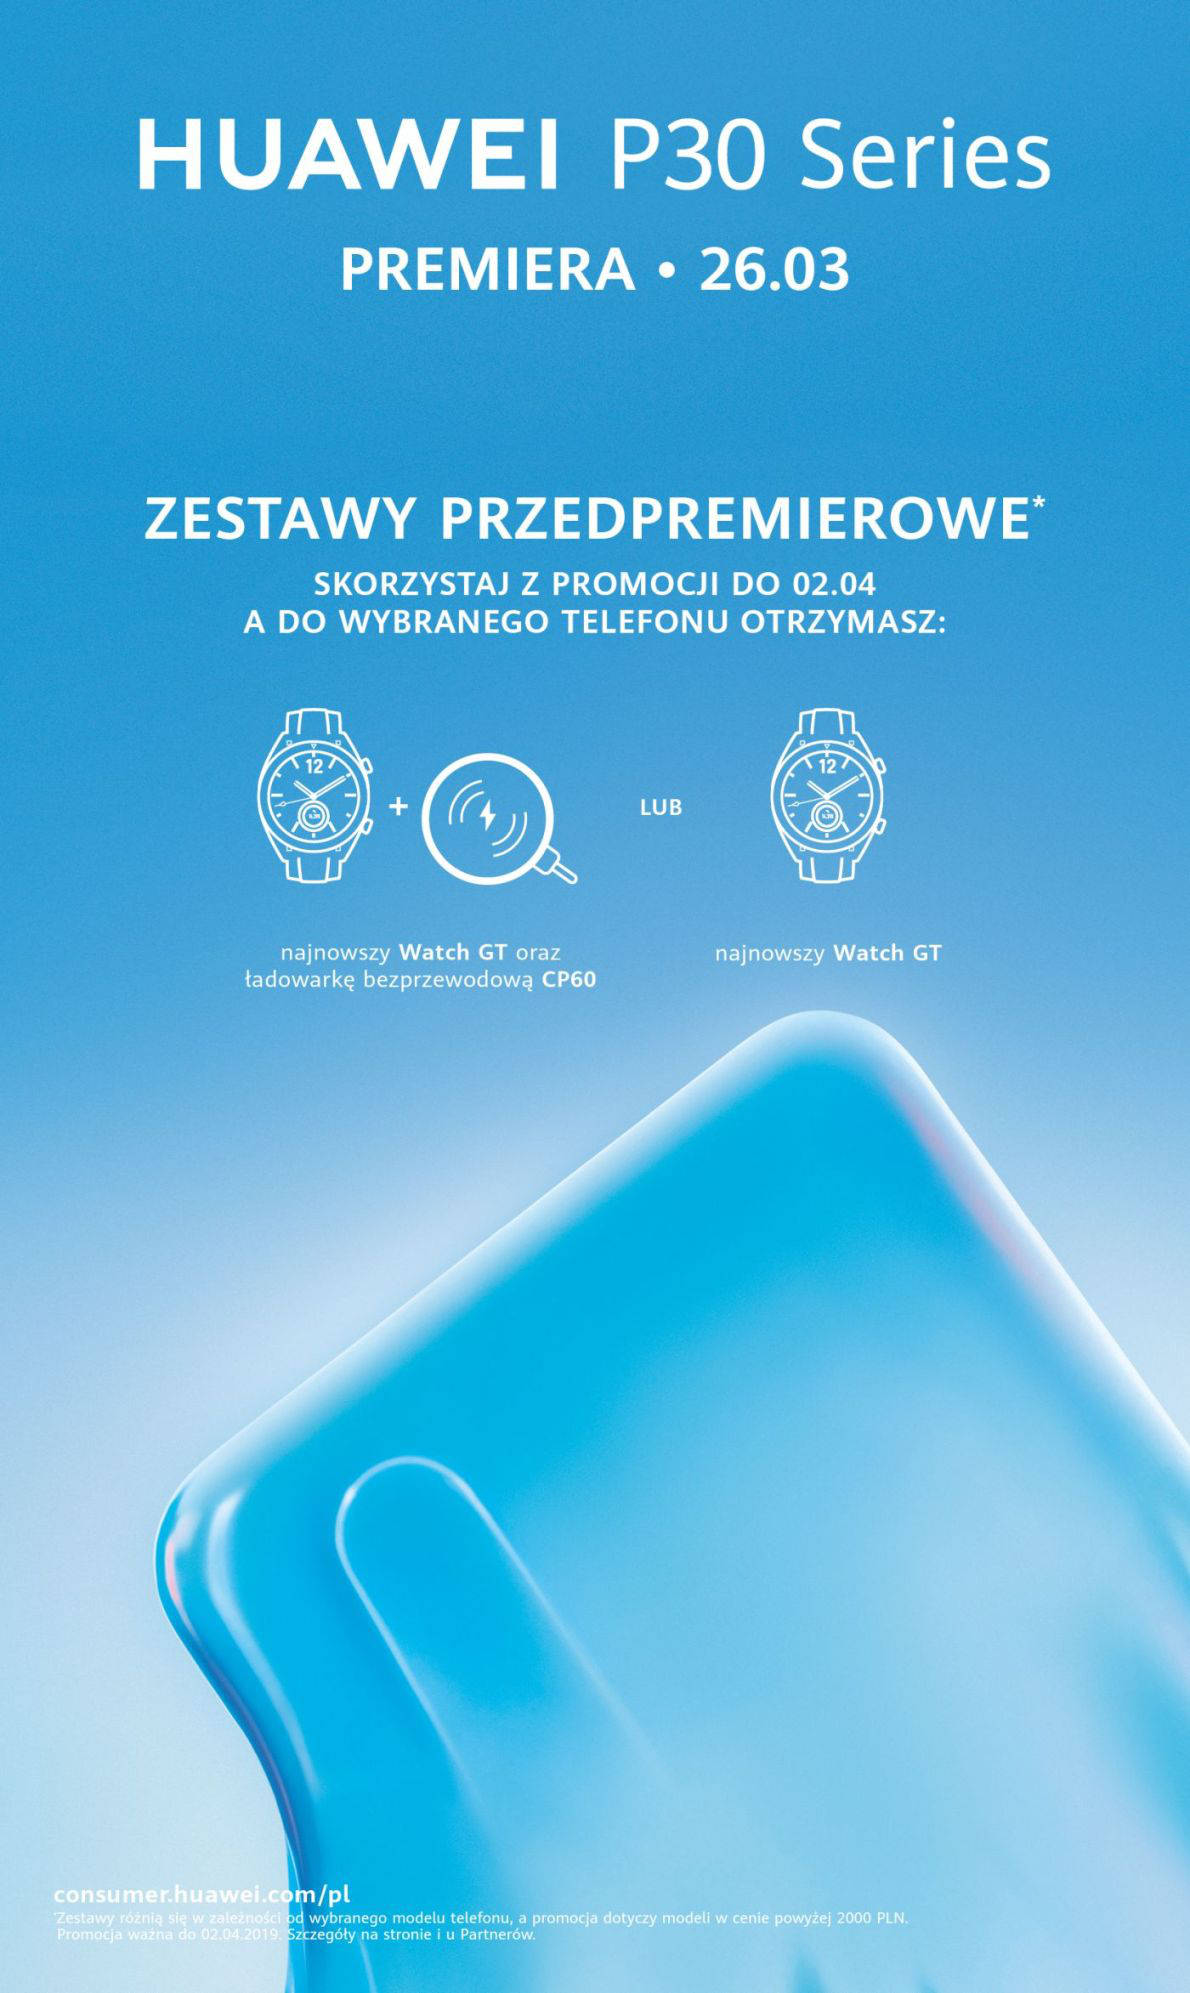 Polska przedsprzedaż Huawei P30 Pro cena opinie gdzie kupić najtaniej w Polsce gratisy prezenty specyfikacja techniczna kiedy premiera